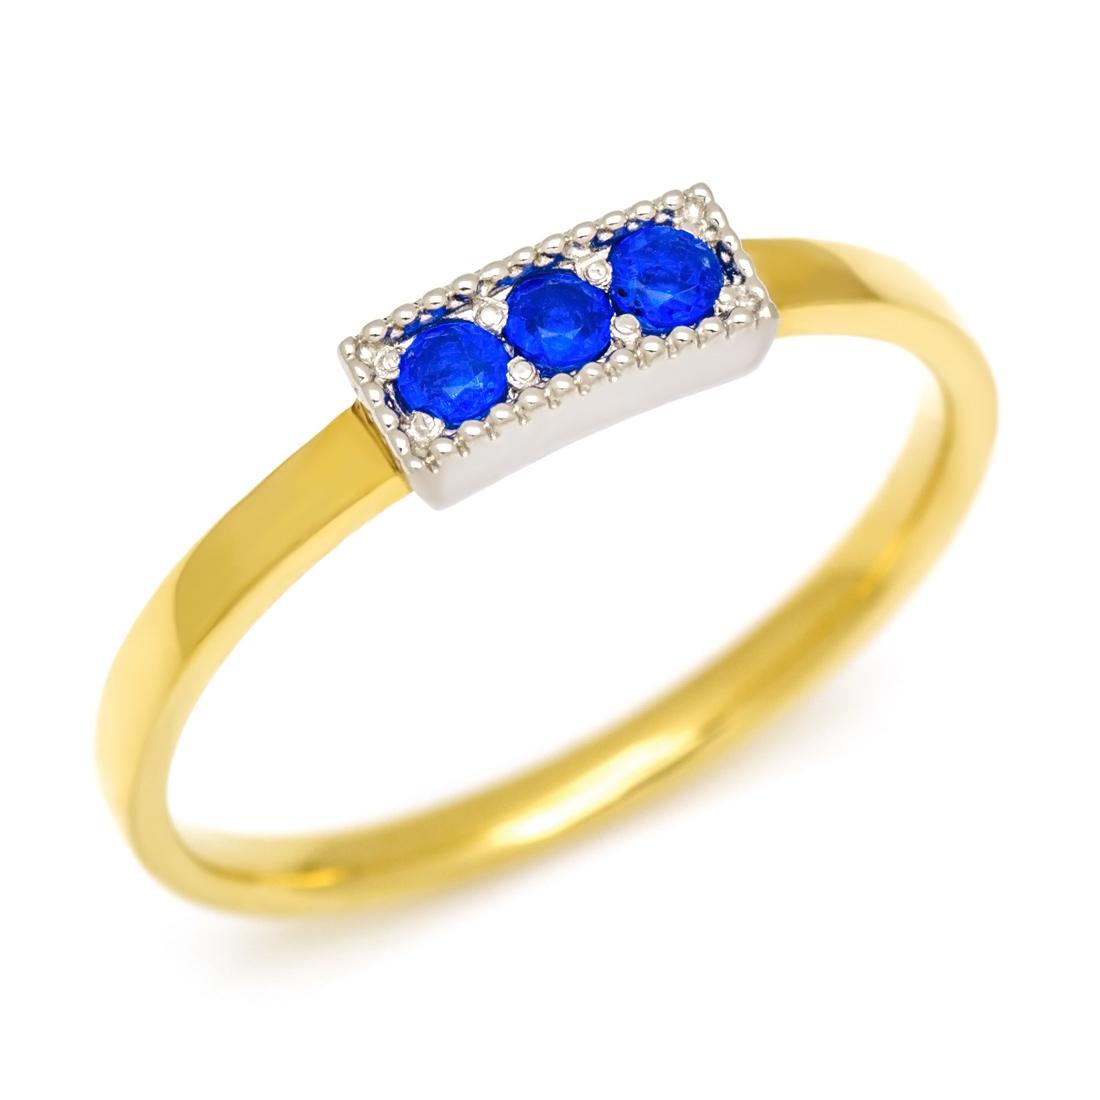 PT900 K18 アウイナイト リング 「noel」 指輪 ゴールド 18K 18金 プラチナ900 アウイン コンビネーション ミックス 刻印 文字入れ メッセージ ギフト 贈り物 ピンキーリング対応可能